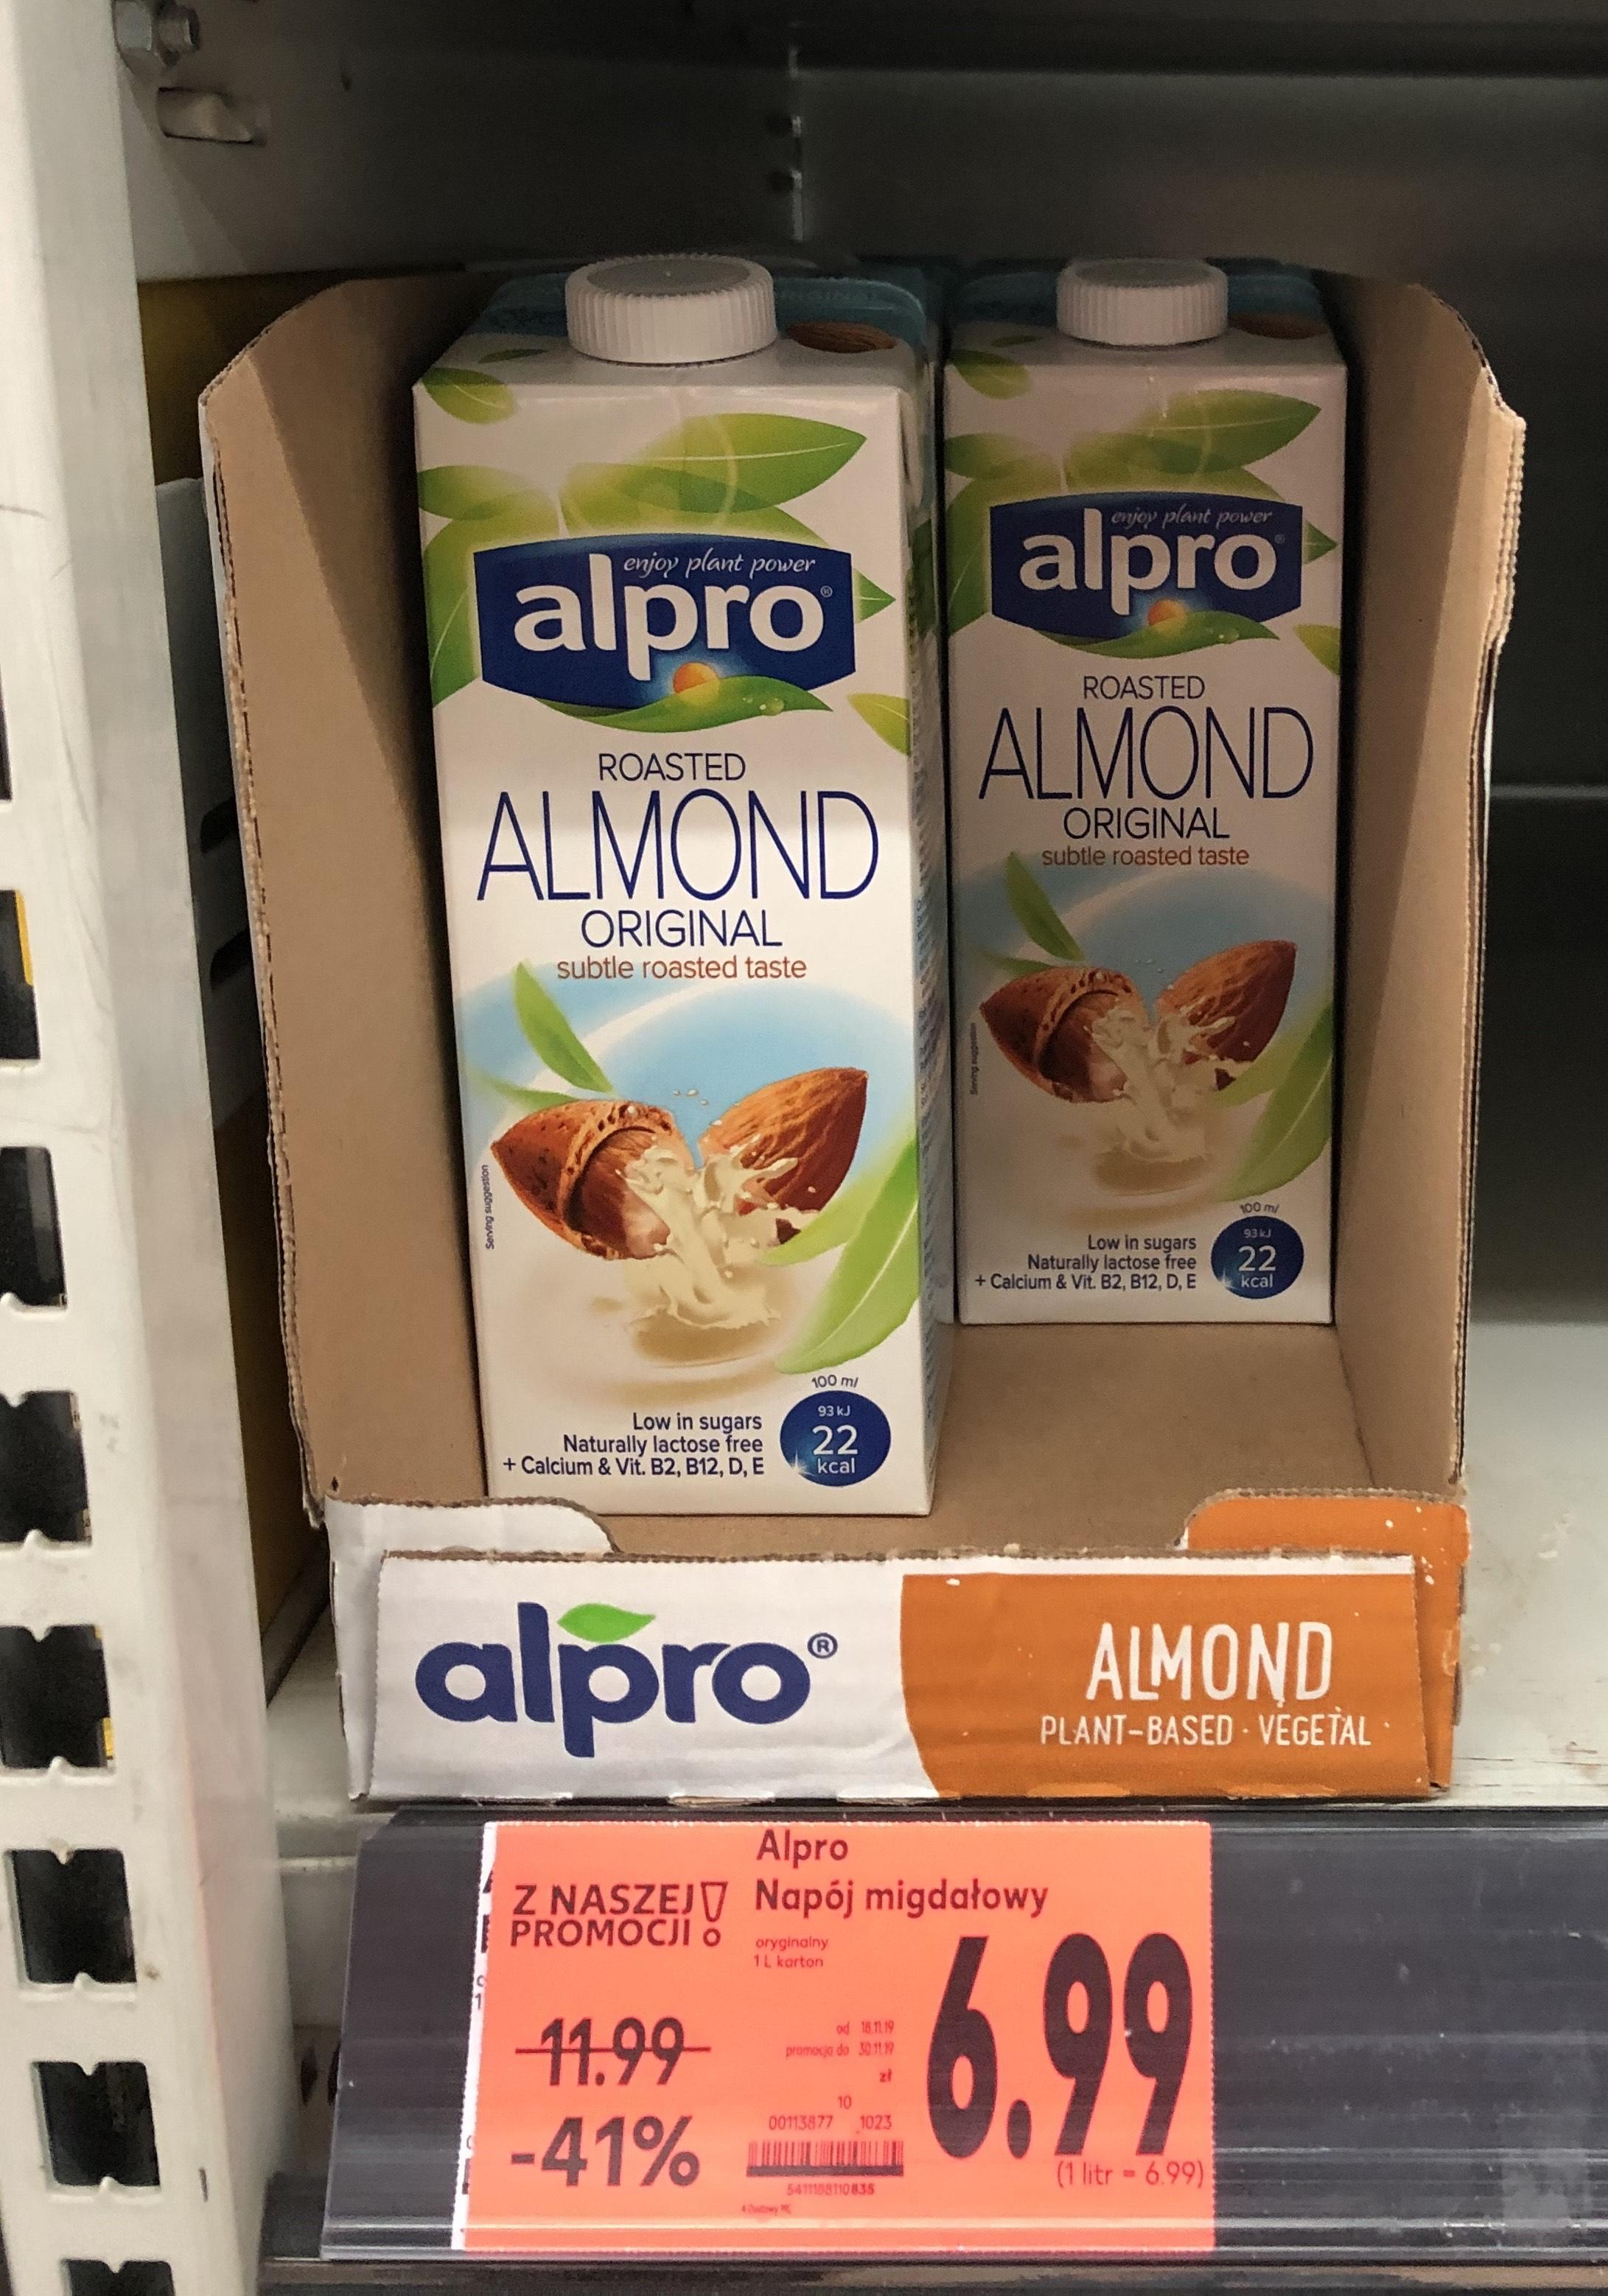 Mleko/Napój migdałowy Aplro Kaufland